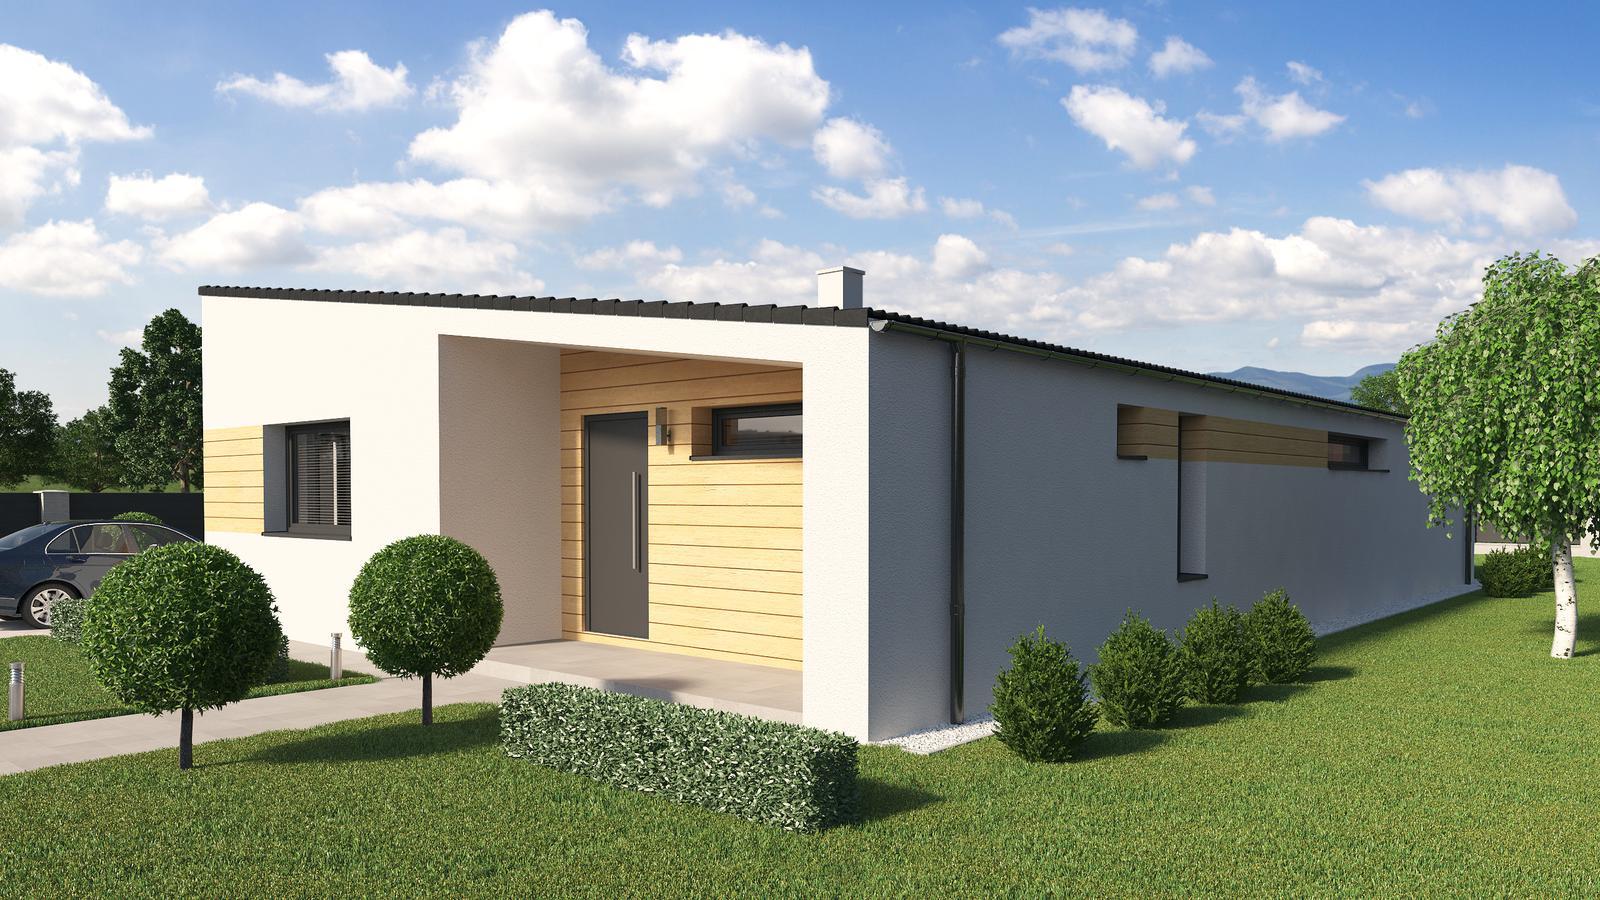 Ďalšie ukážky návrhov domčekov pre Vás - www.rodinny-dom.eu - Obrázok č. 6